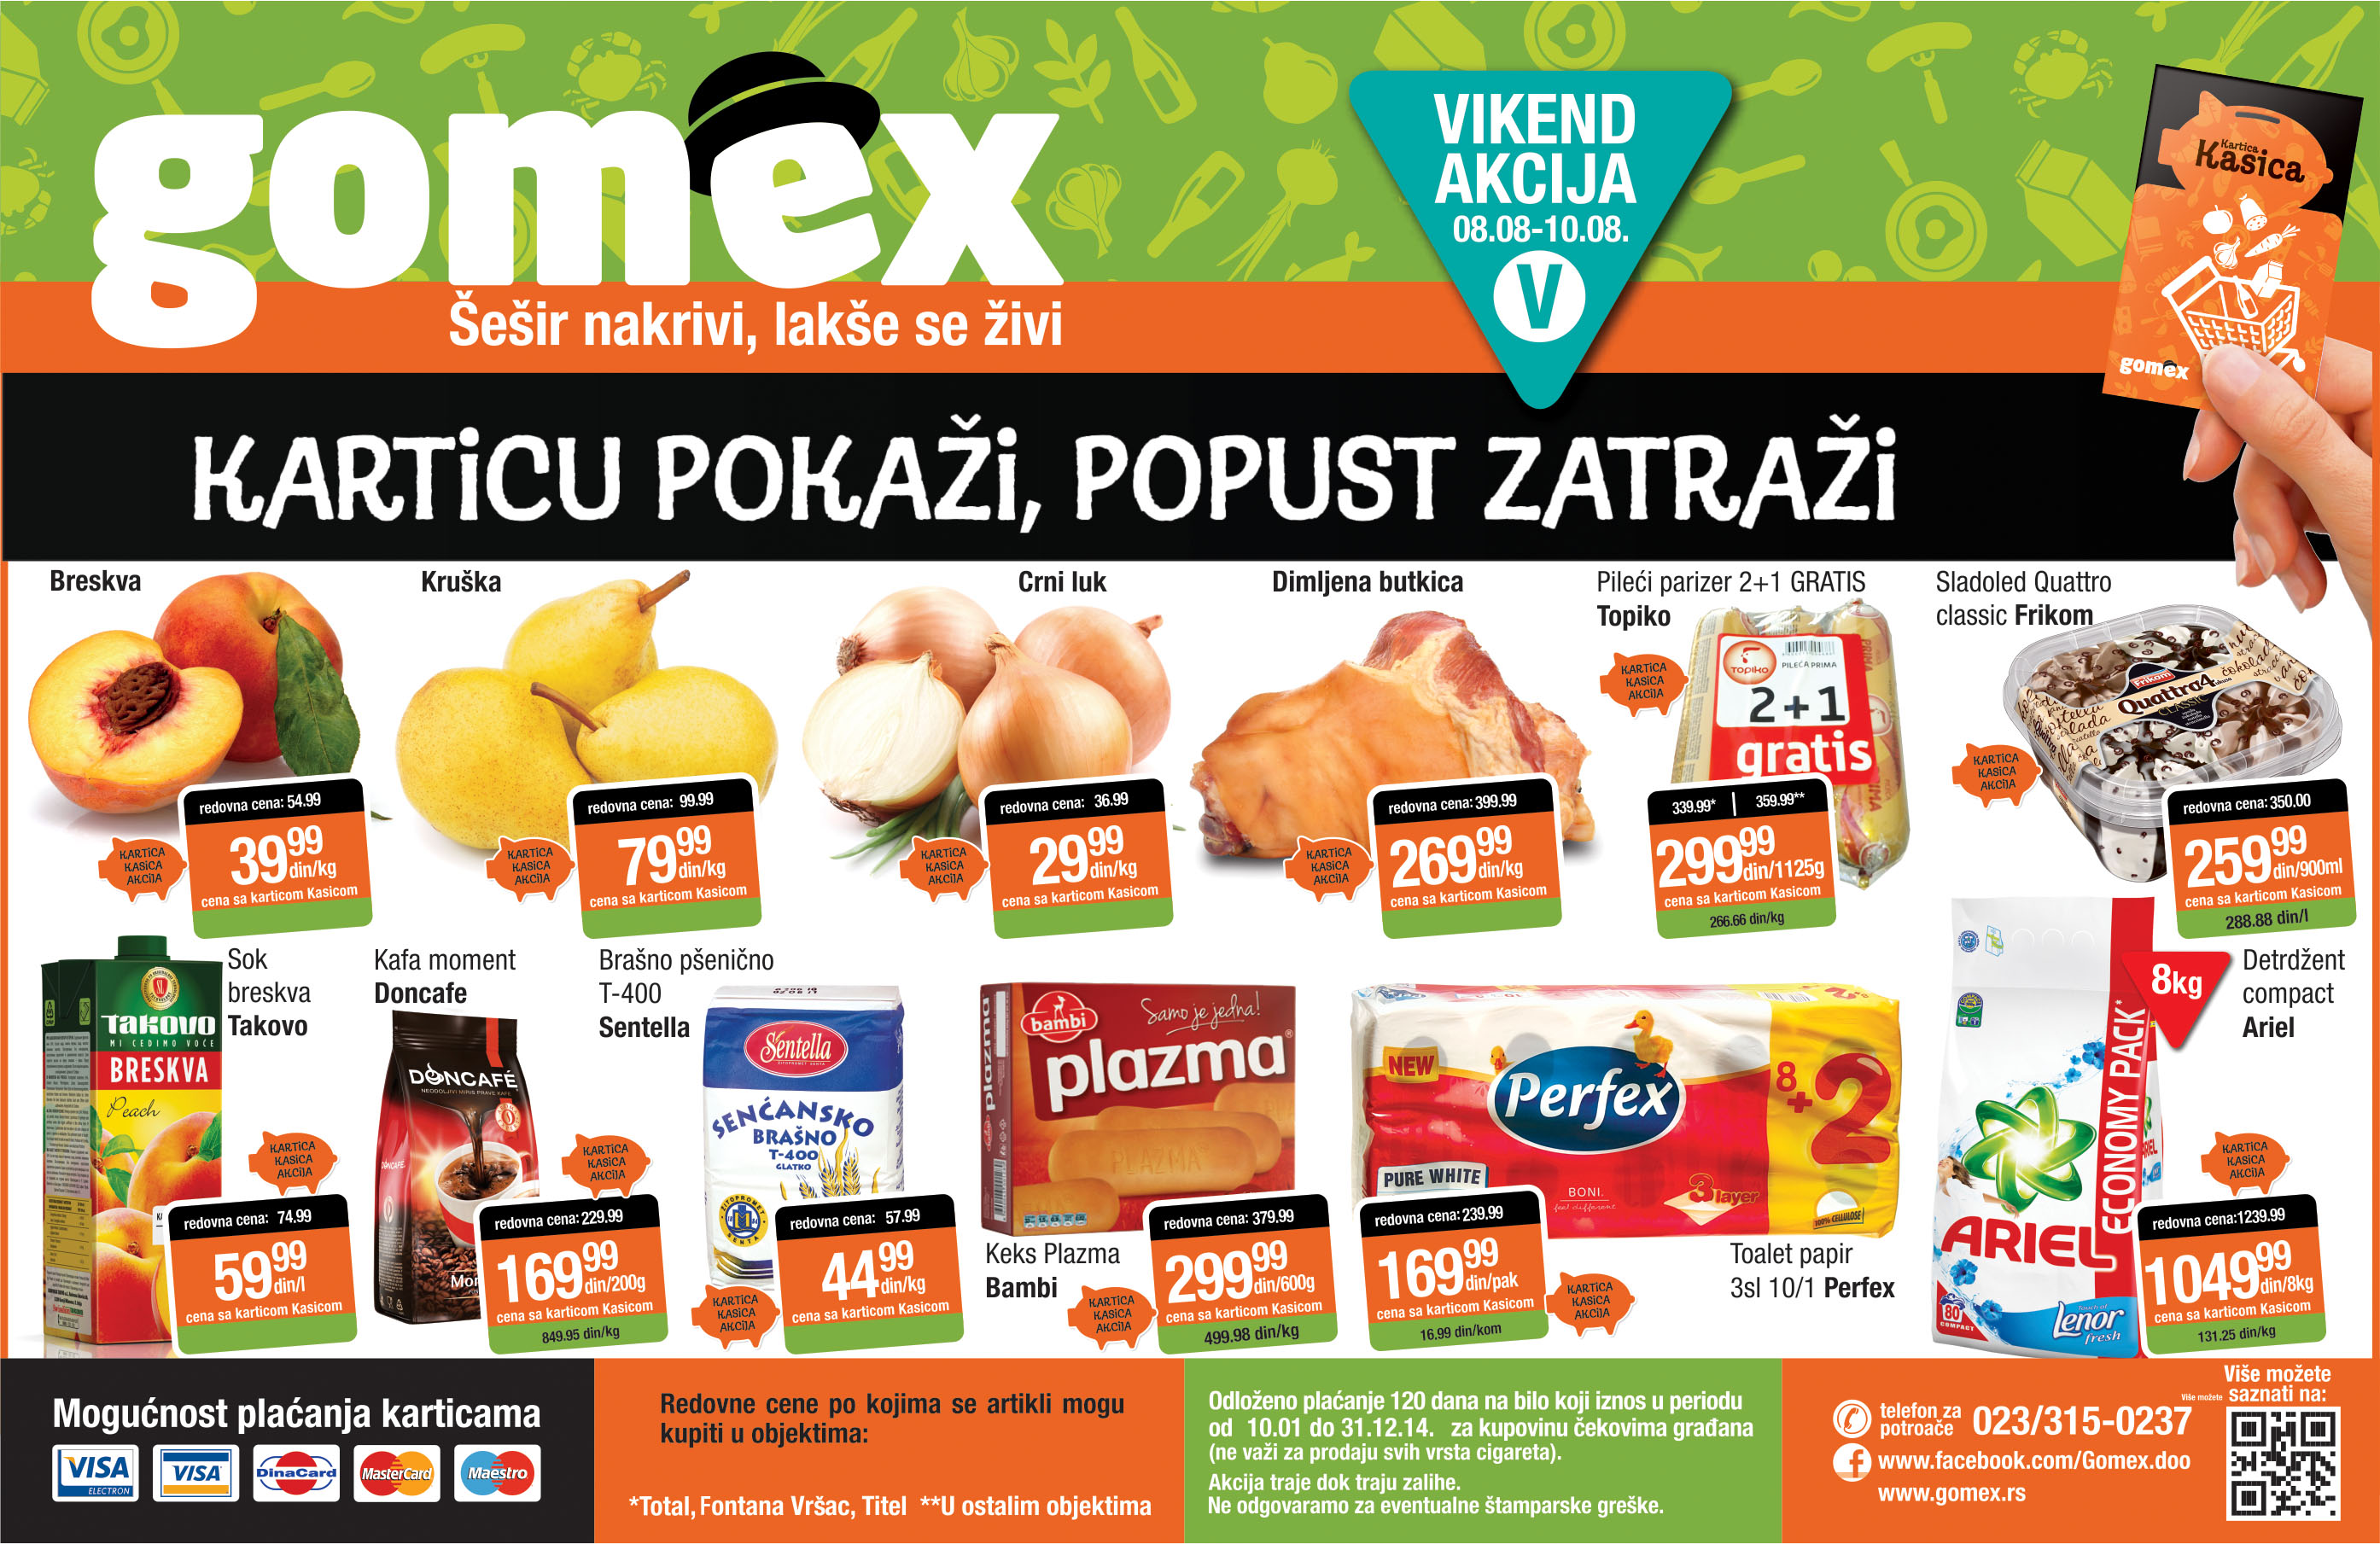 Gomex akcija vieknd ponude za vas